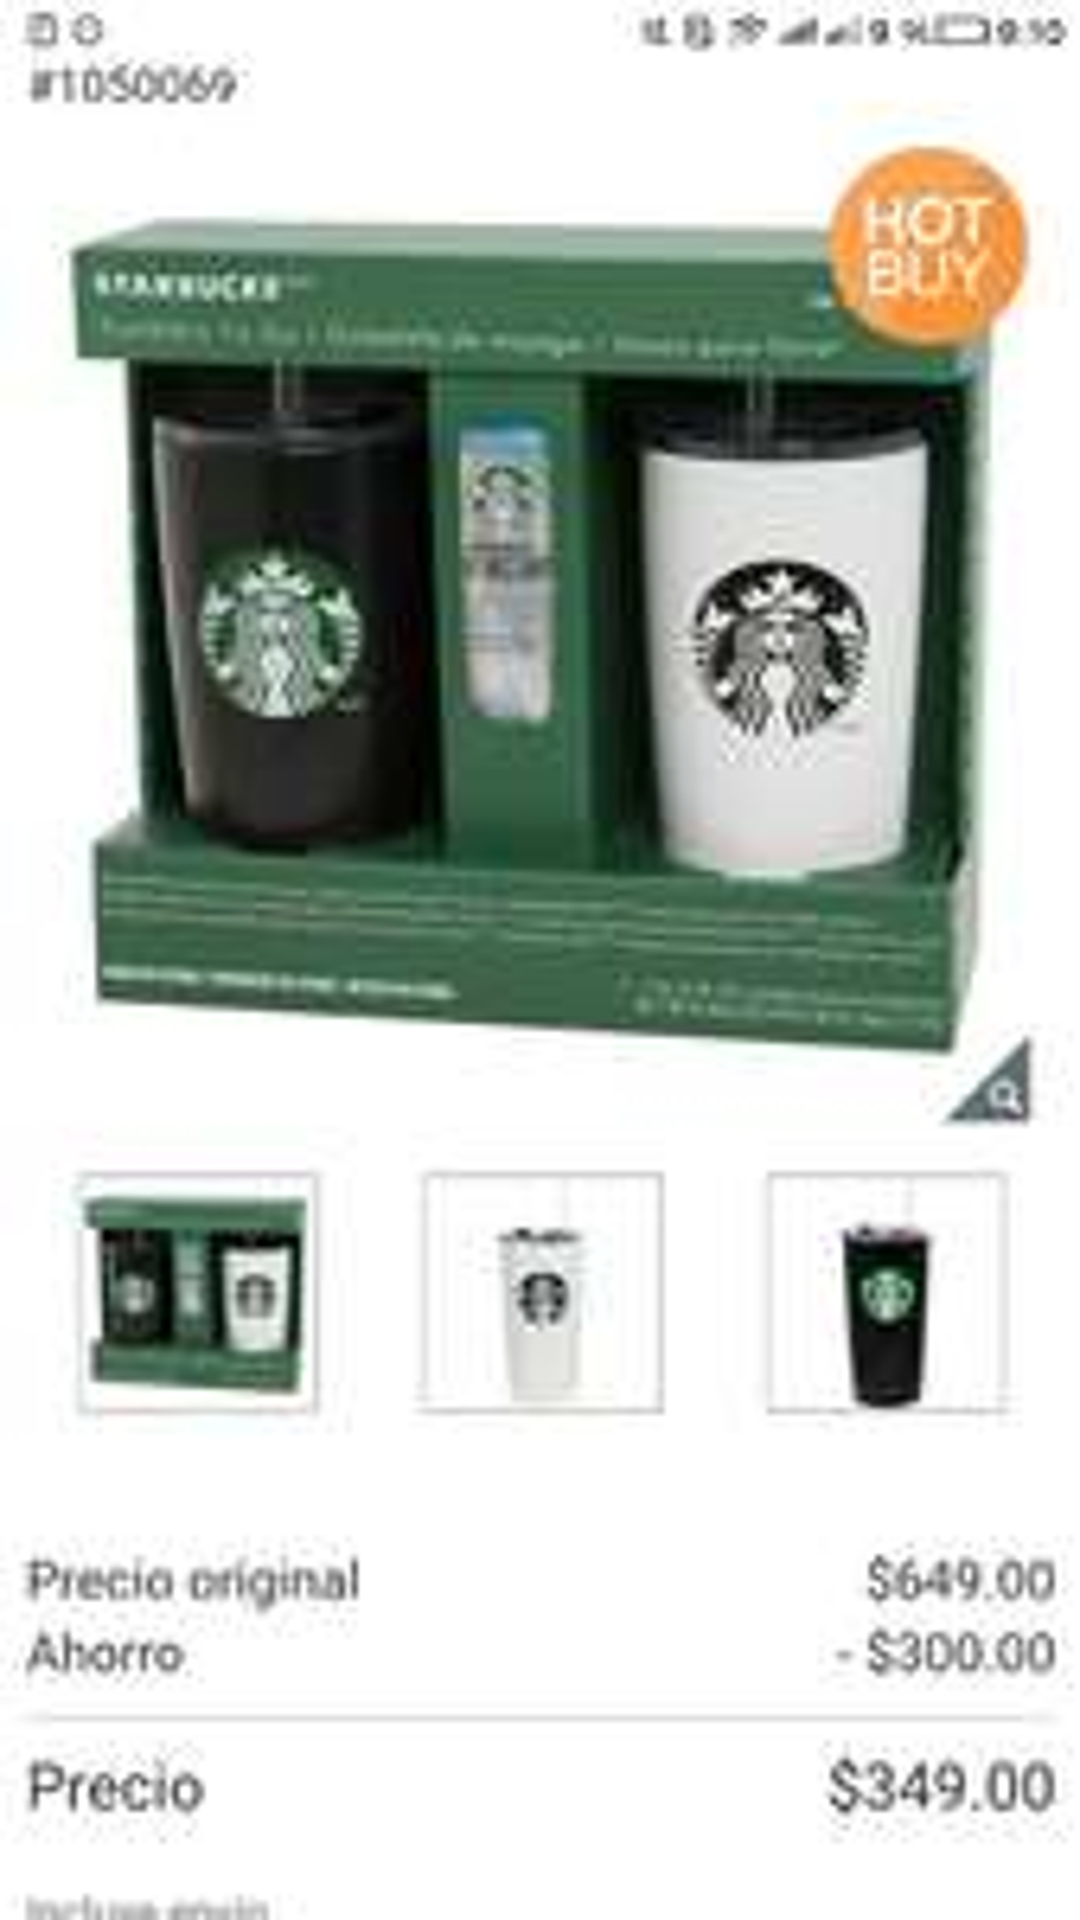 Costco online: pack de 2 termos Starbucks y muestra de café envío gratis